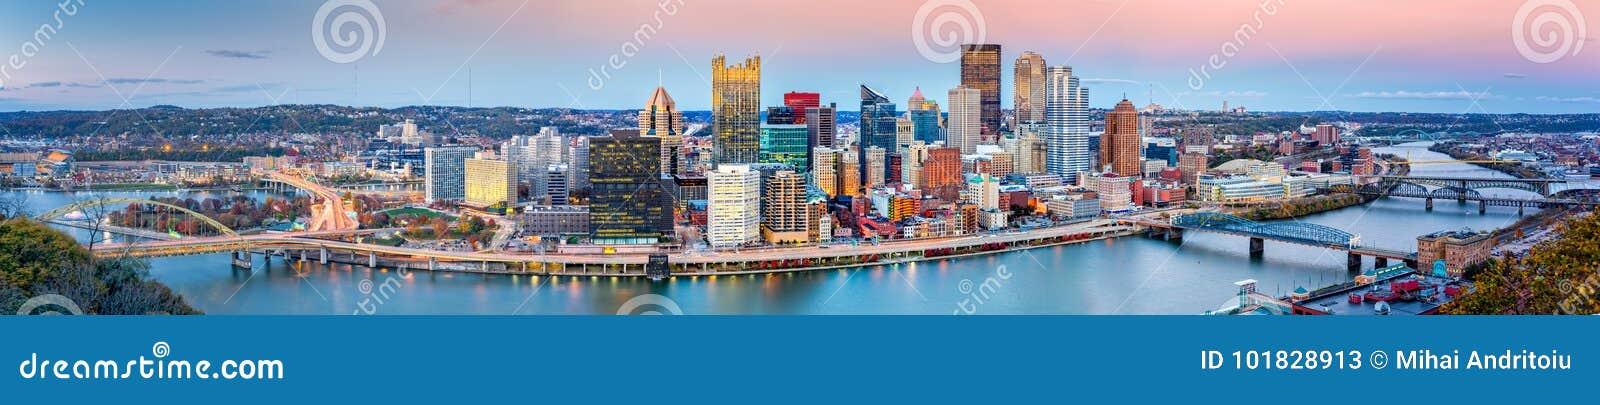 Im Stadtzentrum gelegenes Panorama Pittsburghs